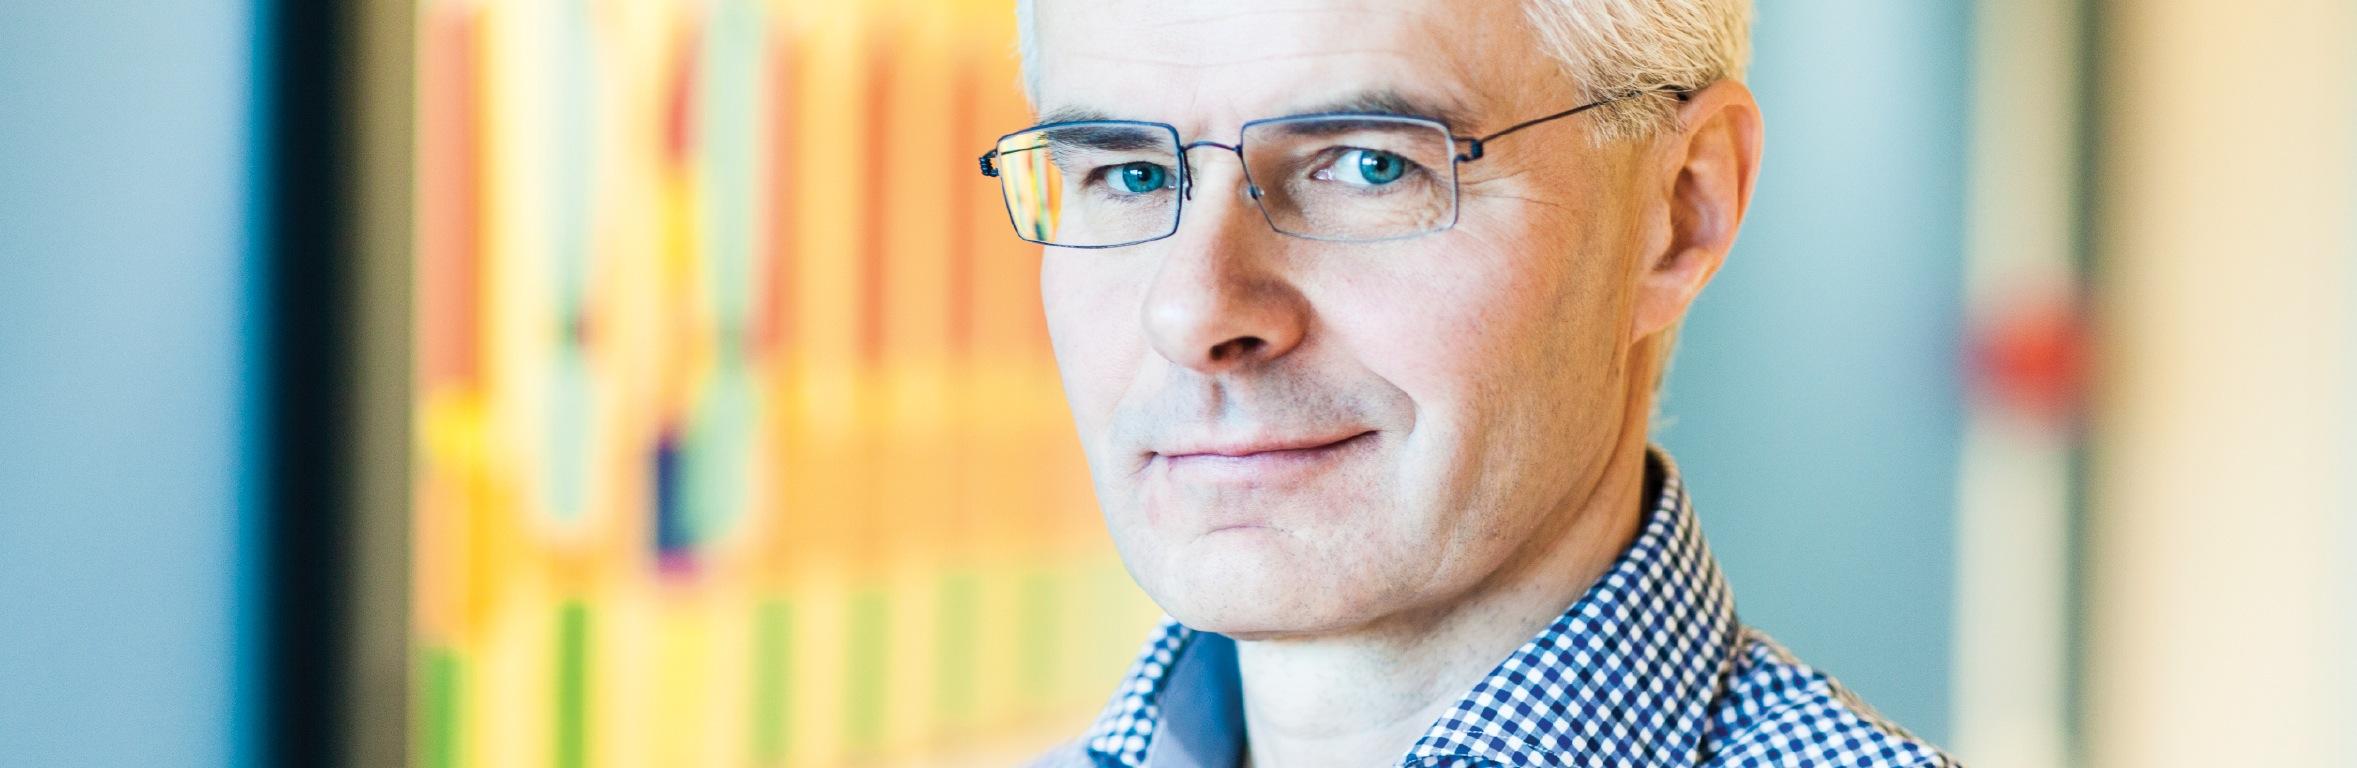 Trond Eirik Schea